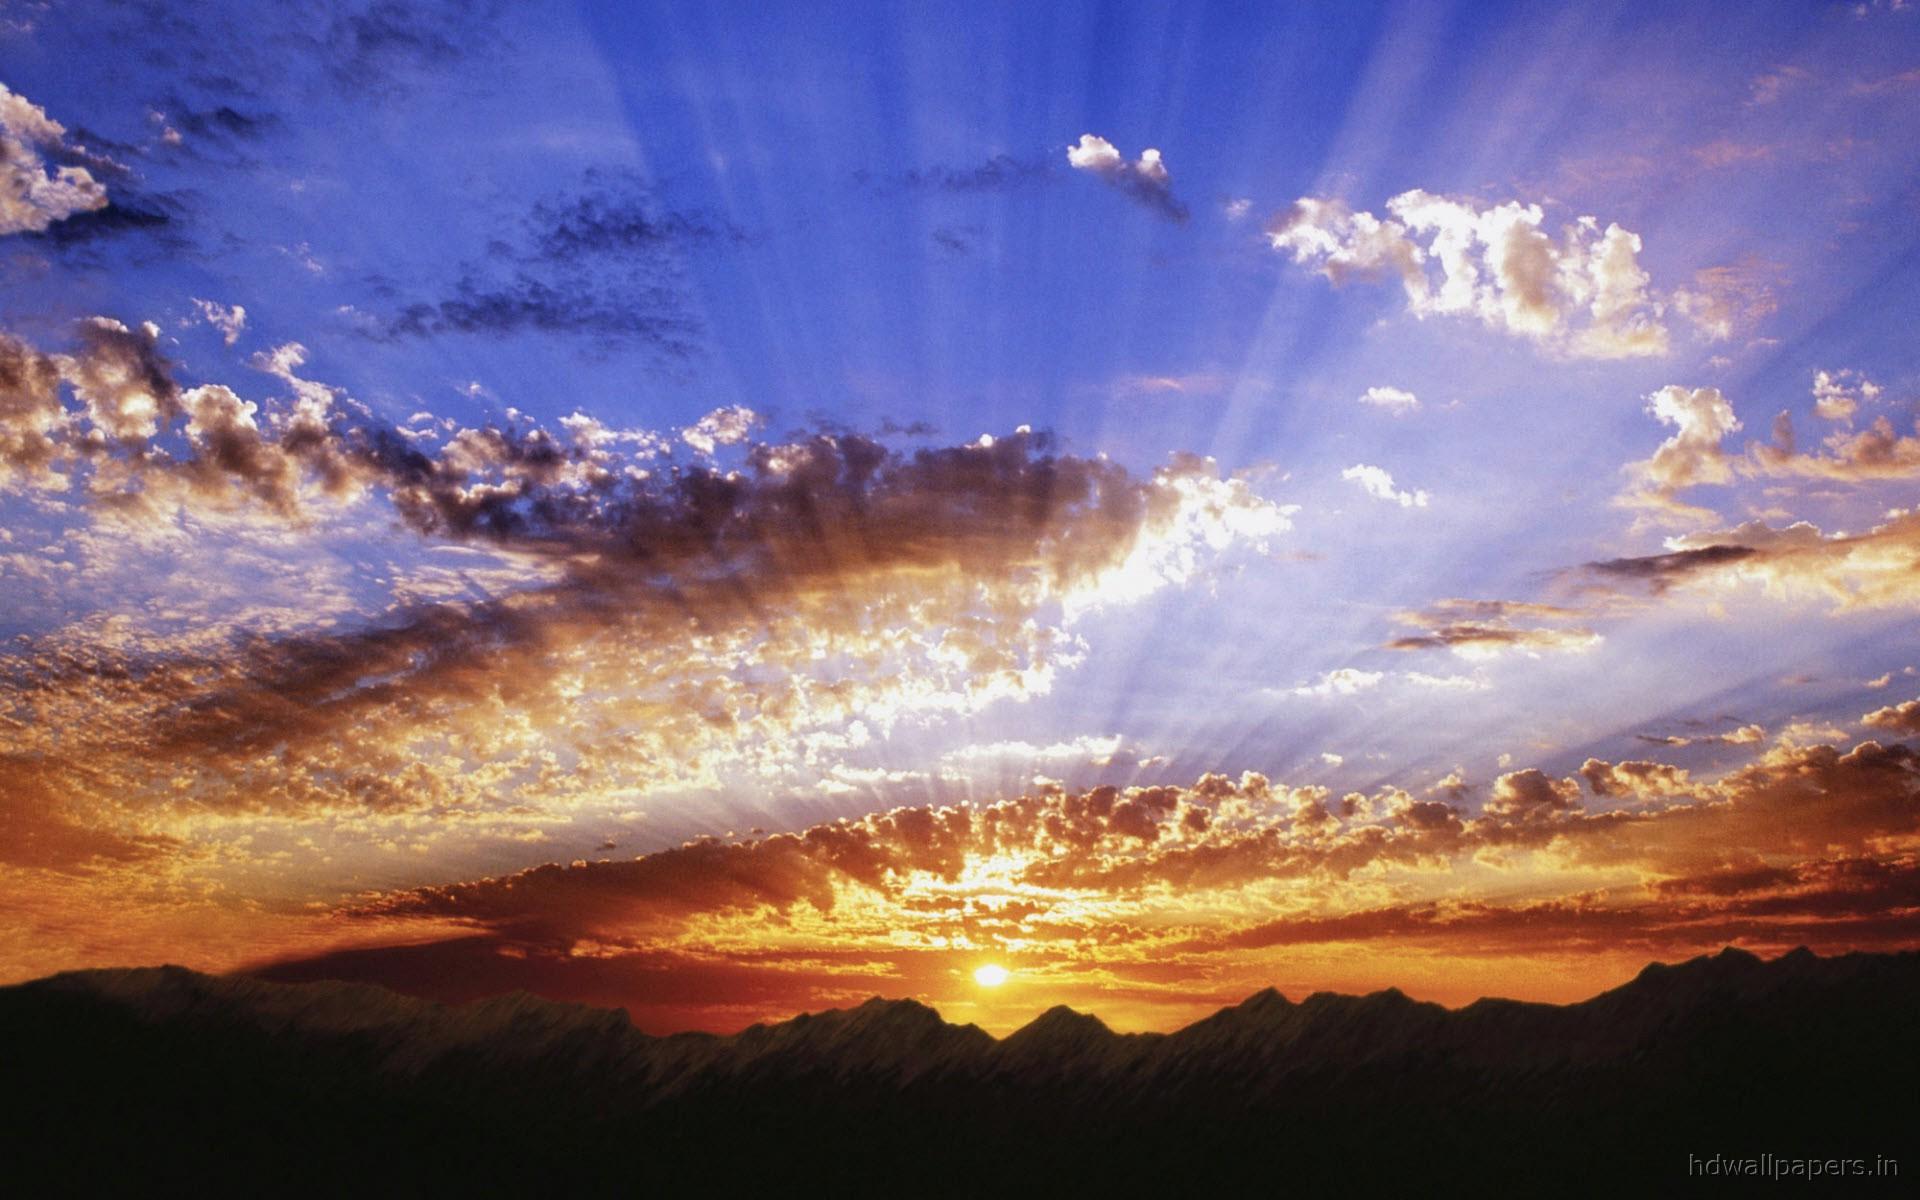 картинки лучи солнца в отличном качестве это место